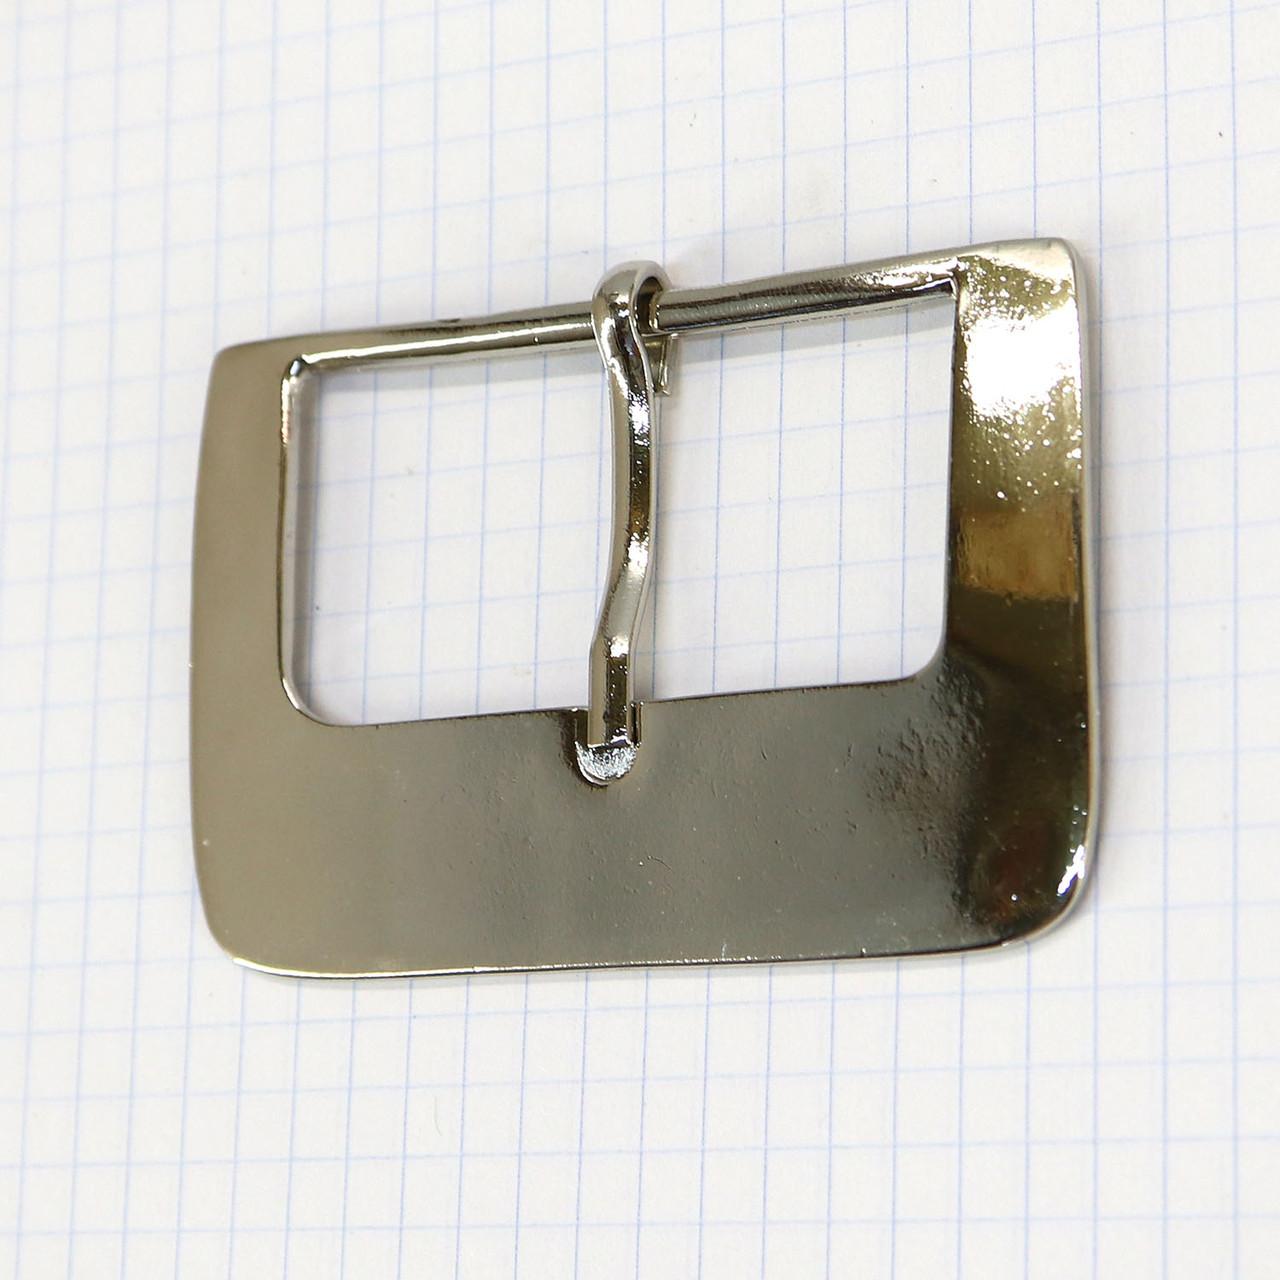 Пряжка 56 мм никель для сумок t4746 (3 шт.)